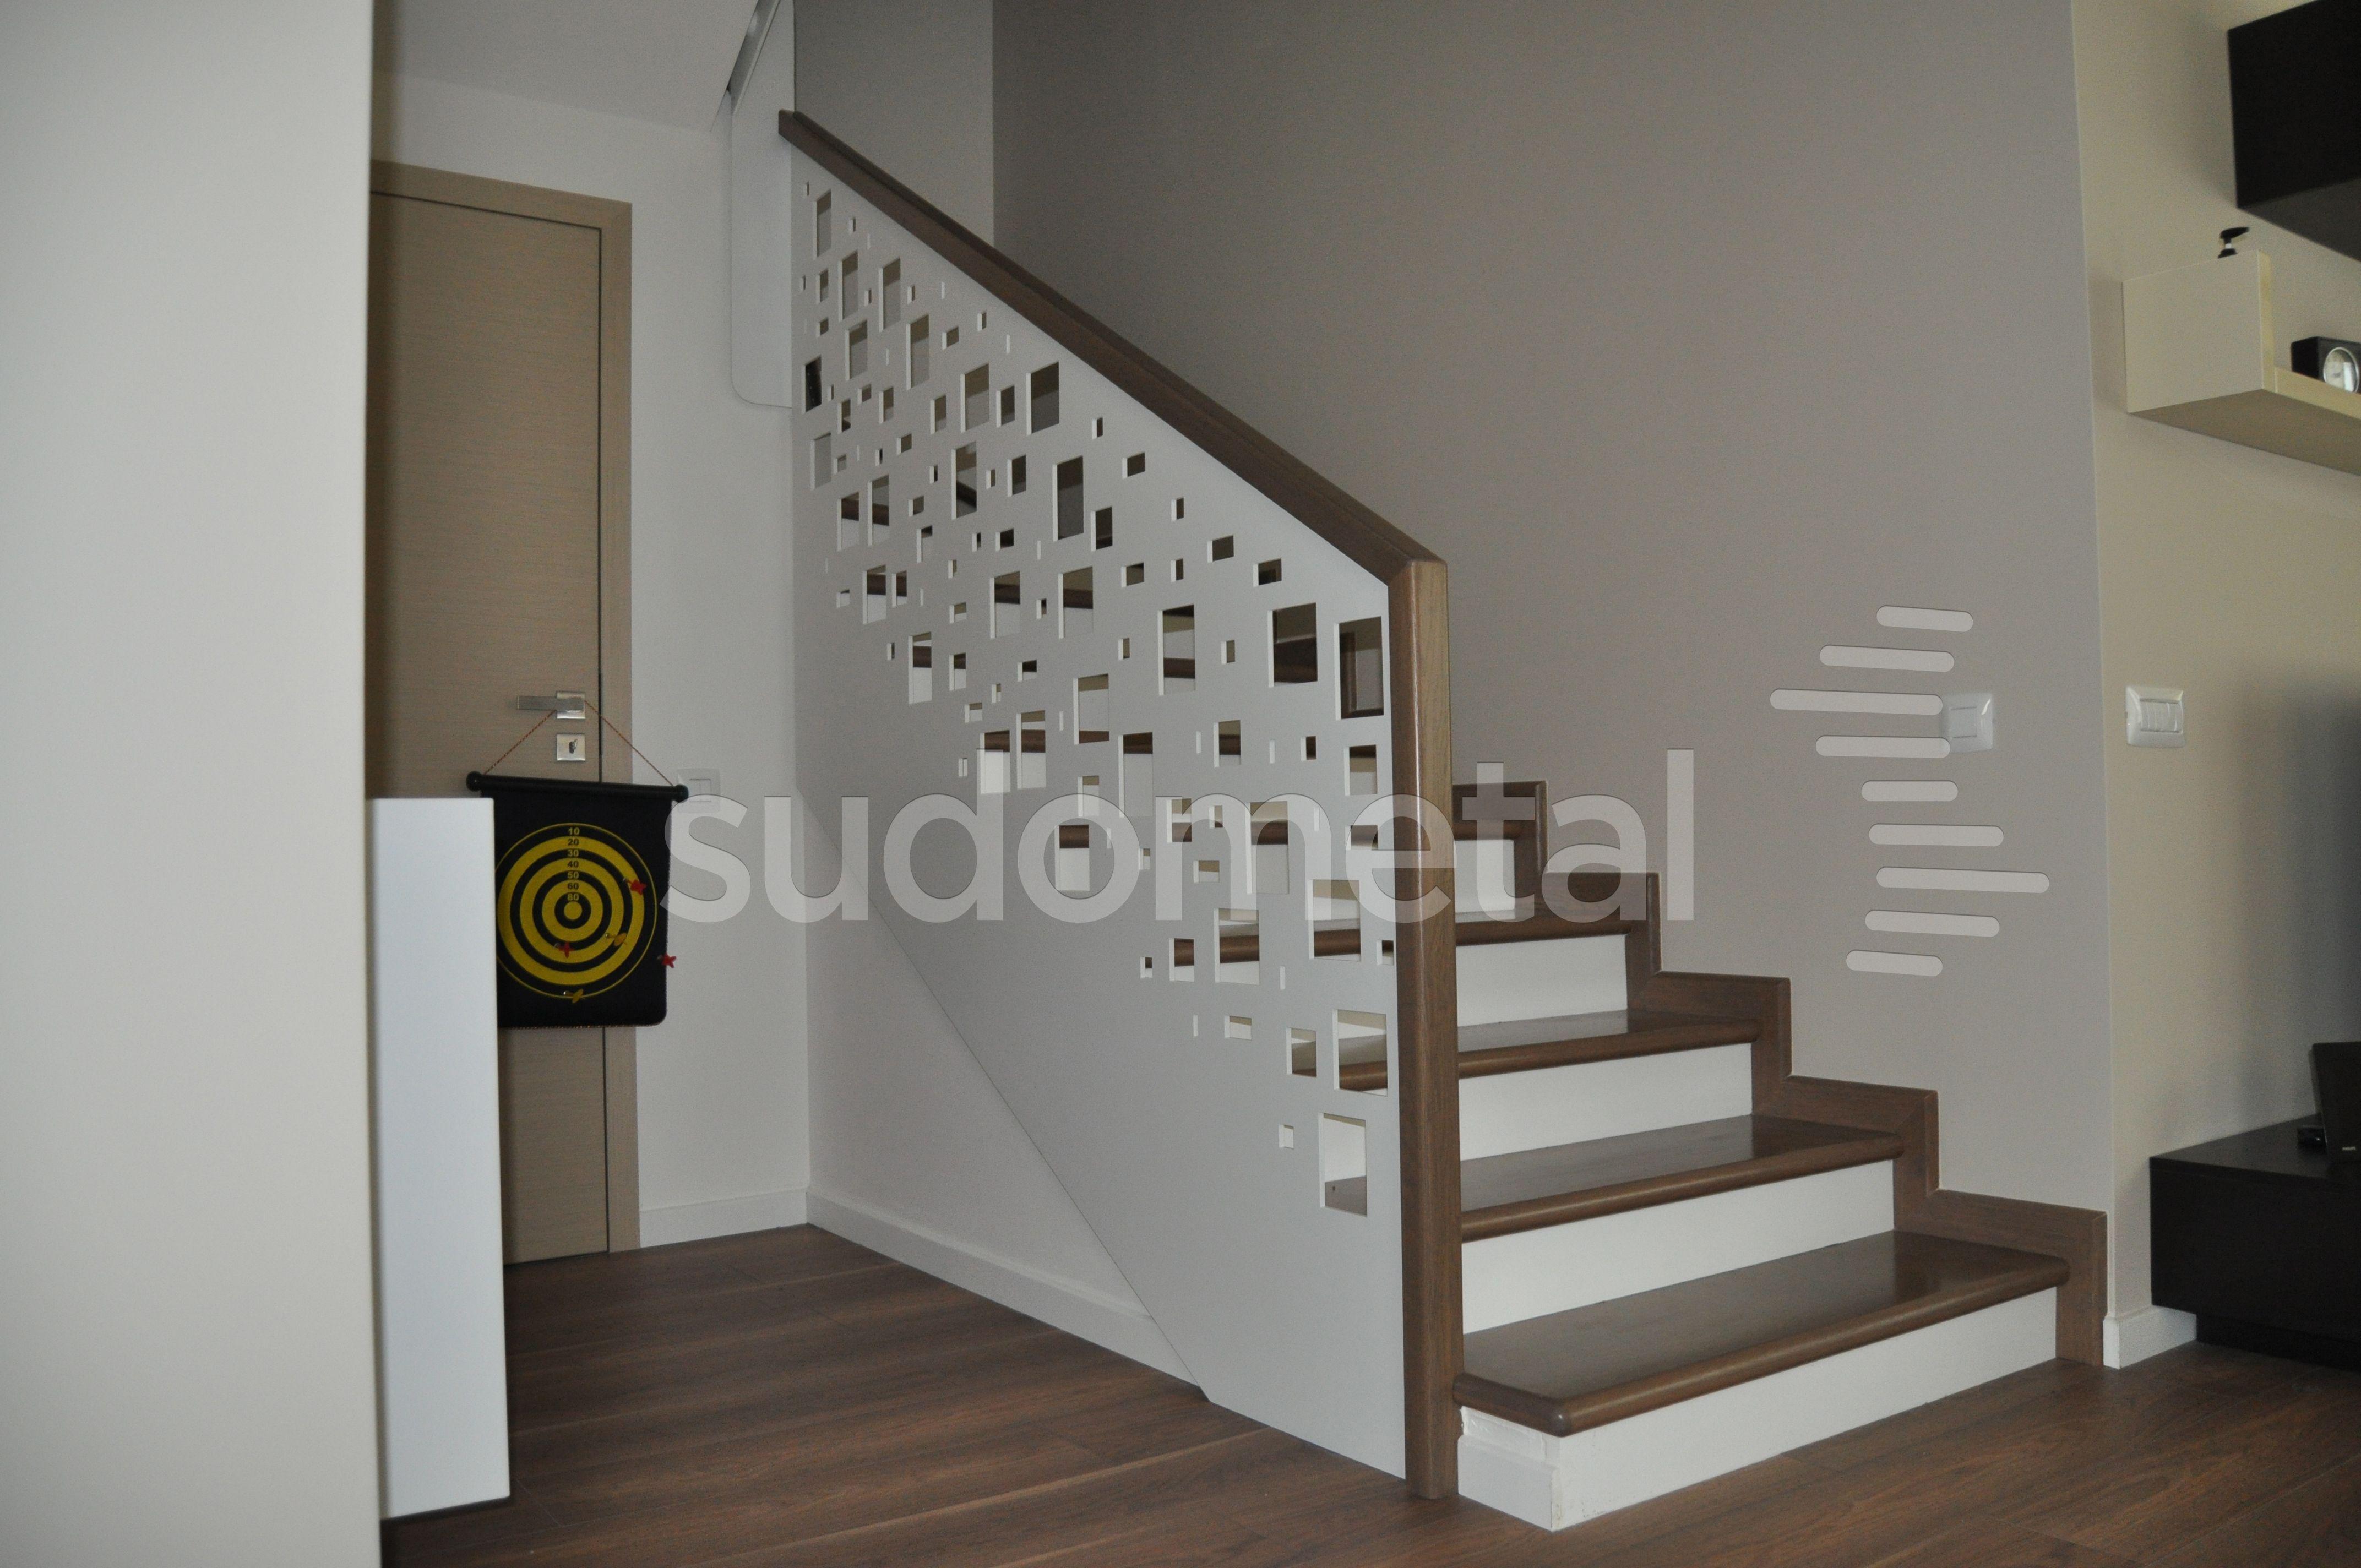 Balustrada Din Tabla Debitata Pe Laser Cu Mana Curenta Lemn De Circuit Bent Modified Toy Festival Ponoko Stejar Trepte